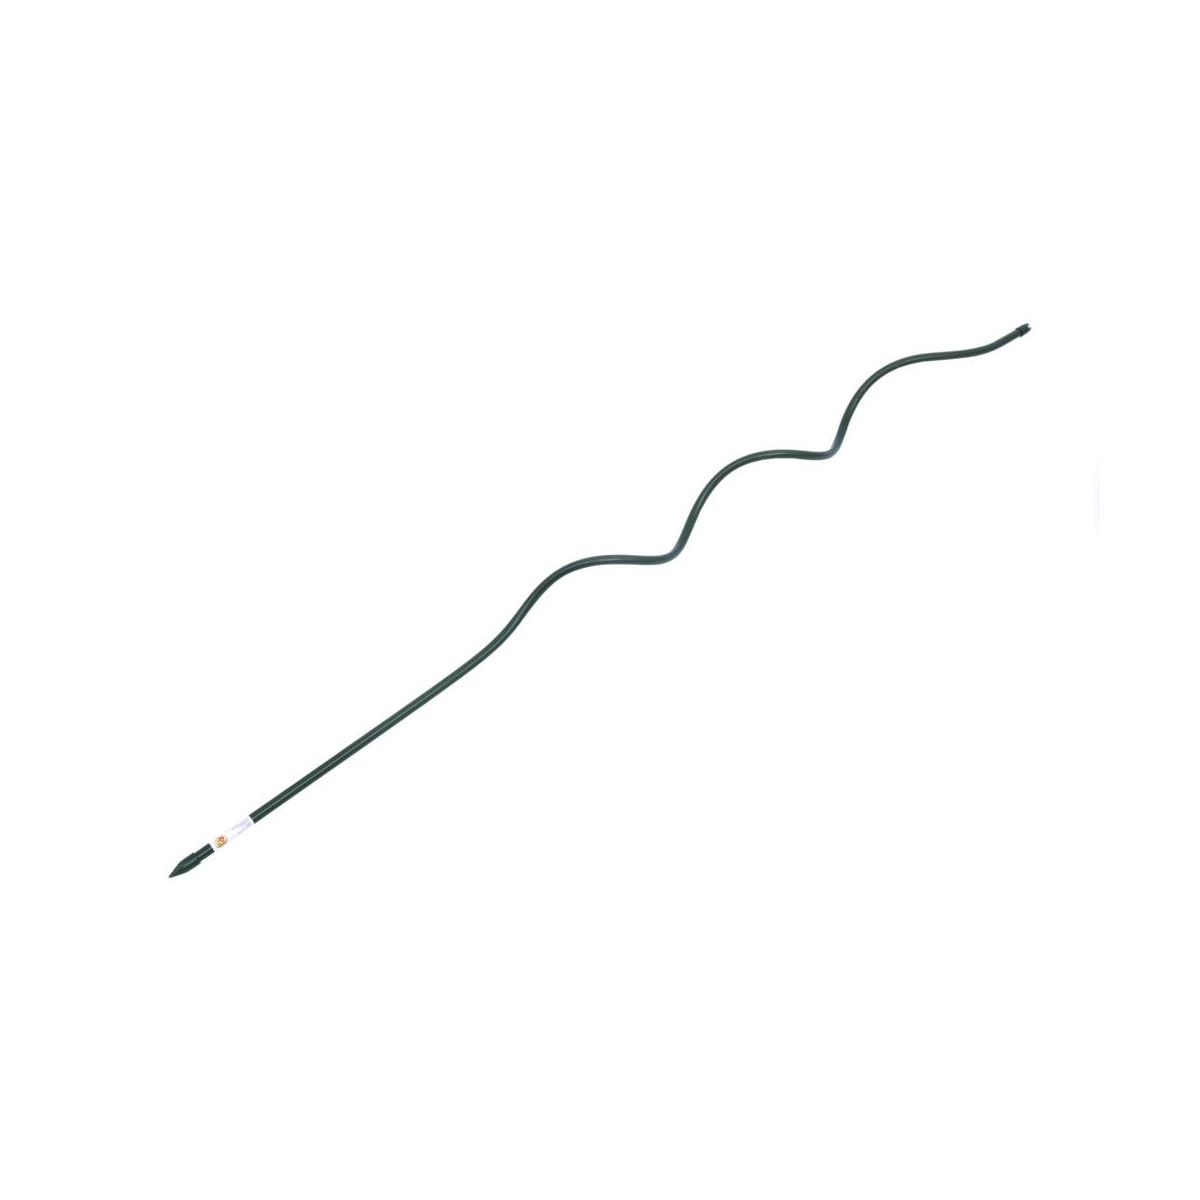 Podpora Spiralna Do Roslin 180 Cm X 11 Mm Metalowa Powlekana Pe Podporki Wiazadla Do Roslin W Atrakcyjnej Cenie W Sklepach Leroy Merlin